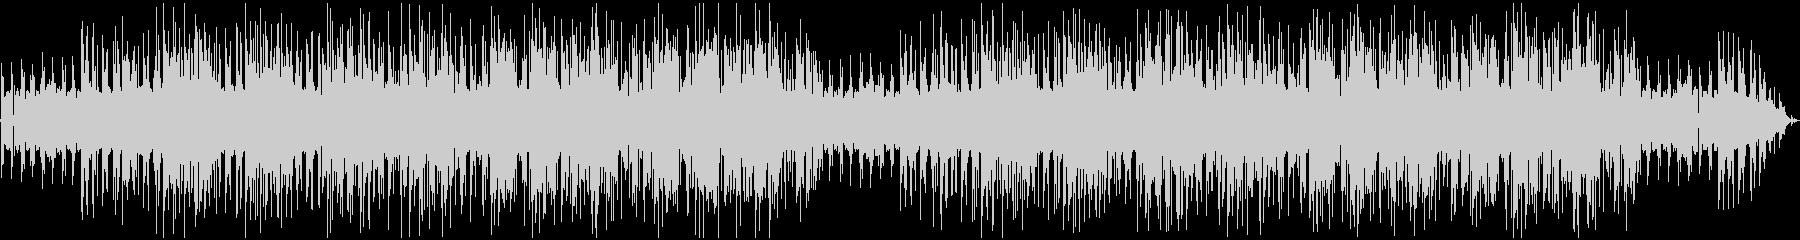 アイヌ×電子音楽の未再生の波形